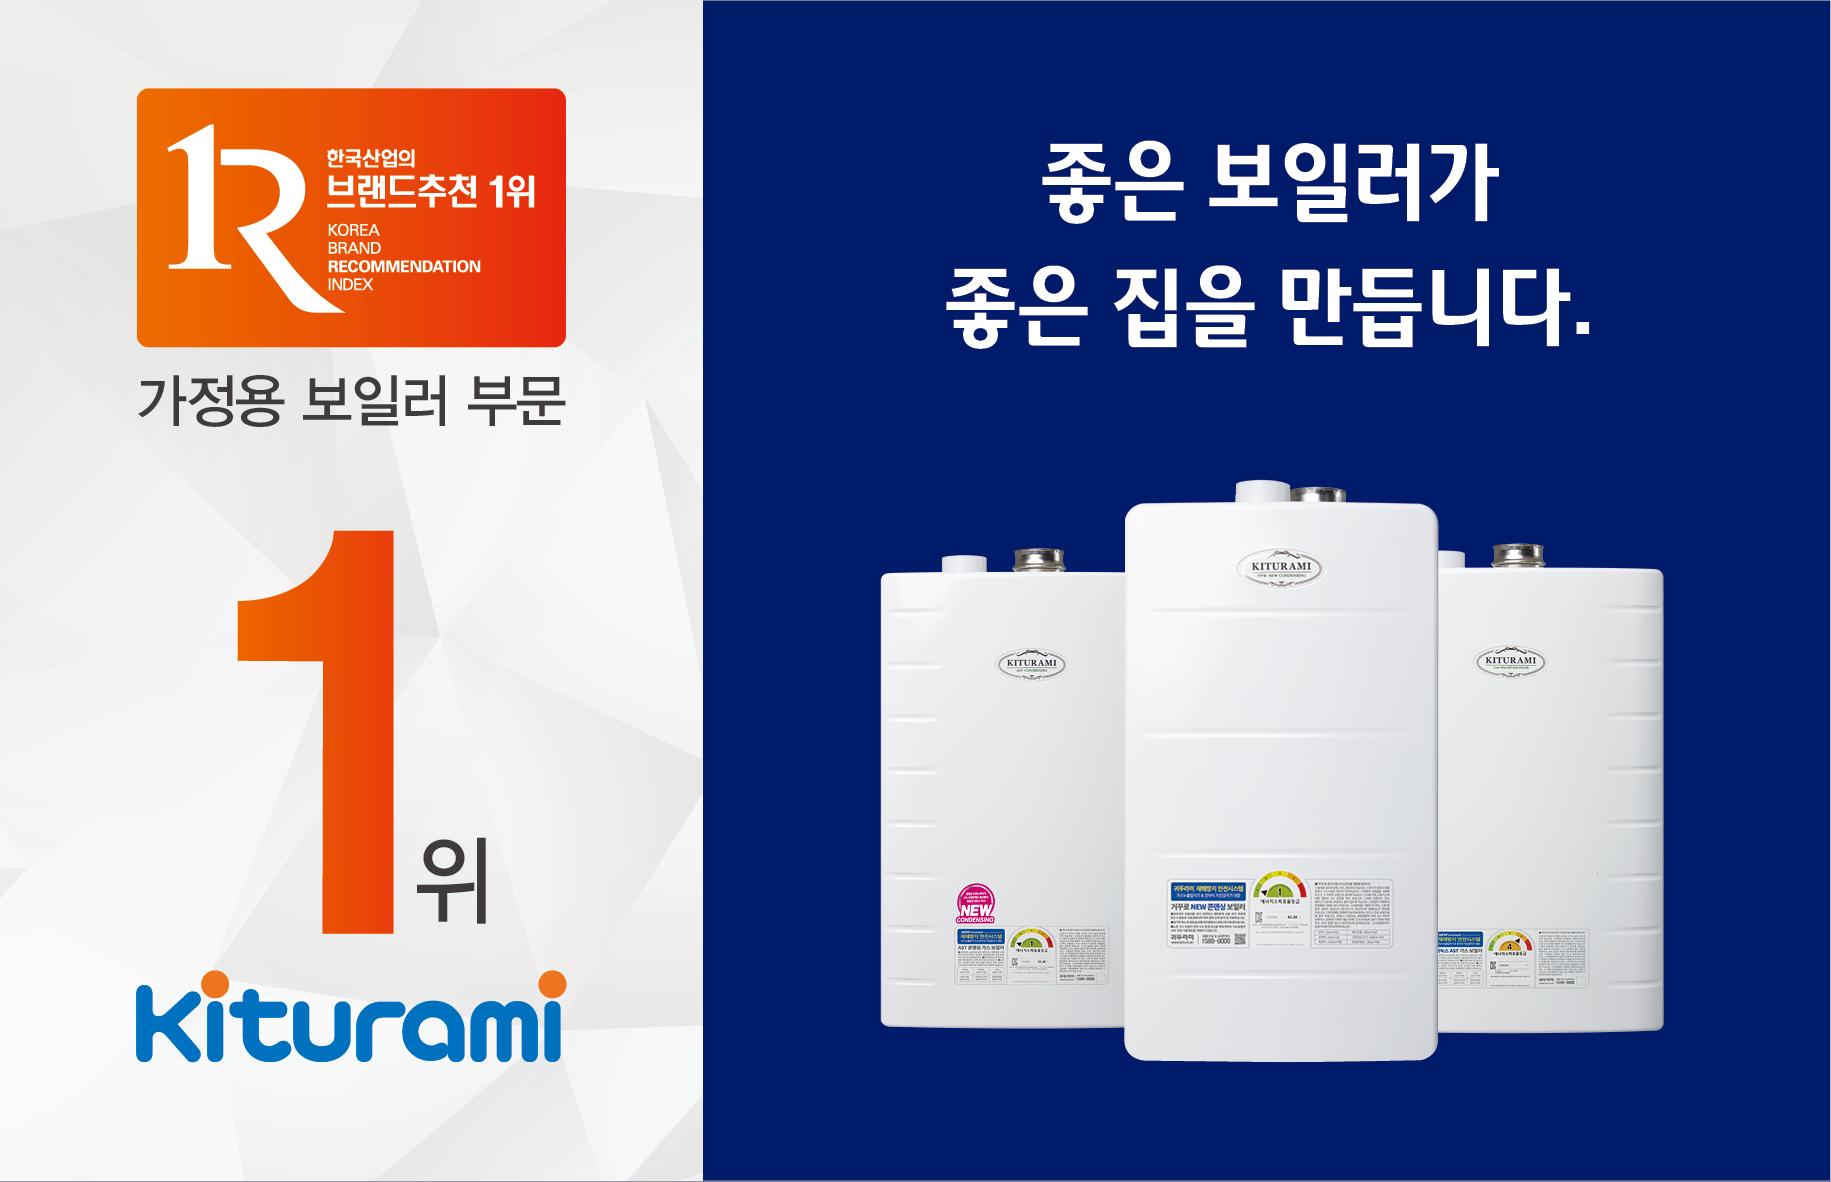 귀뚜라미, 한국산업의 브랜드 추천 2년 연속 1위_사진2.jpg